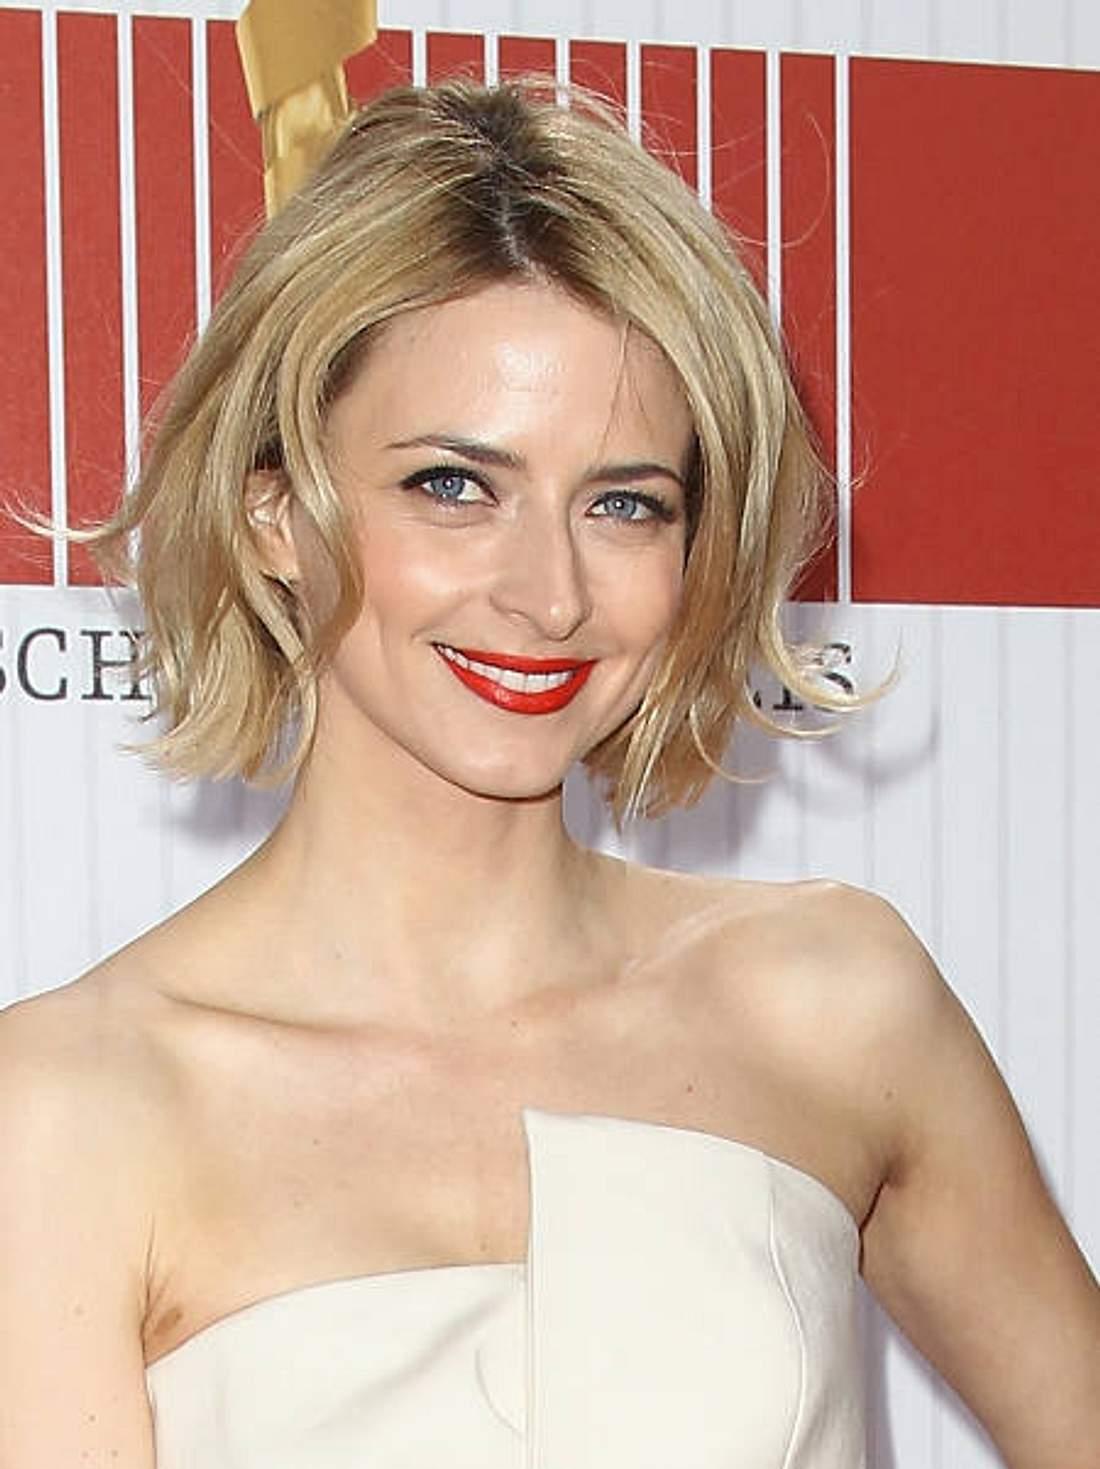 """Eva Padberg wird in der Jury von """"Das Perfekte Model"""", der neuen Model-Castingshow auf VOX, sitzen."""